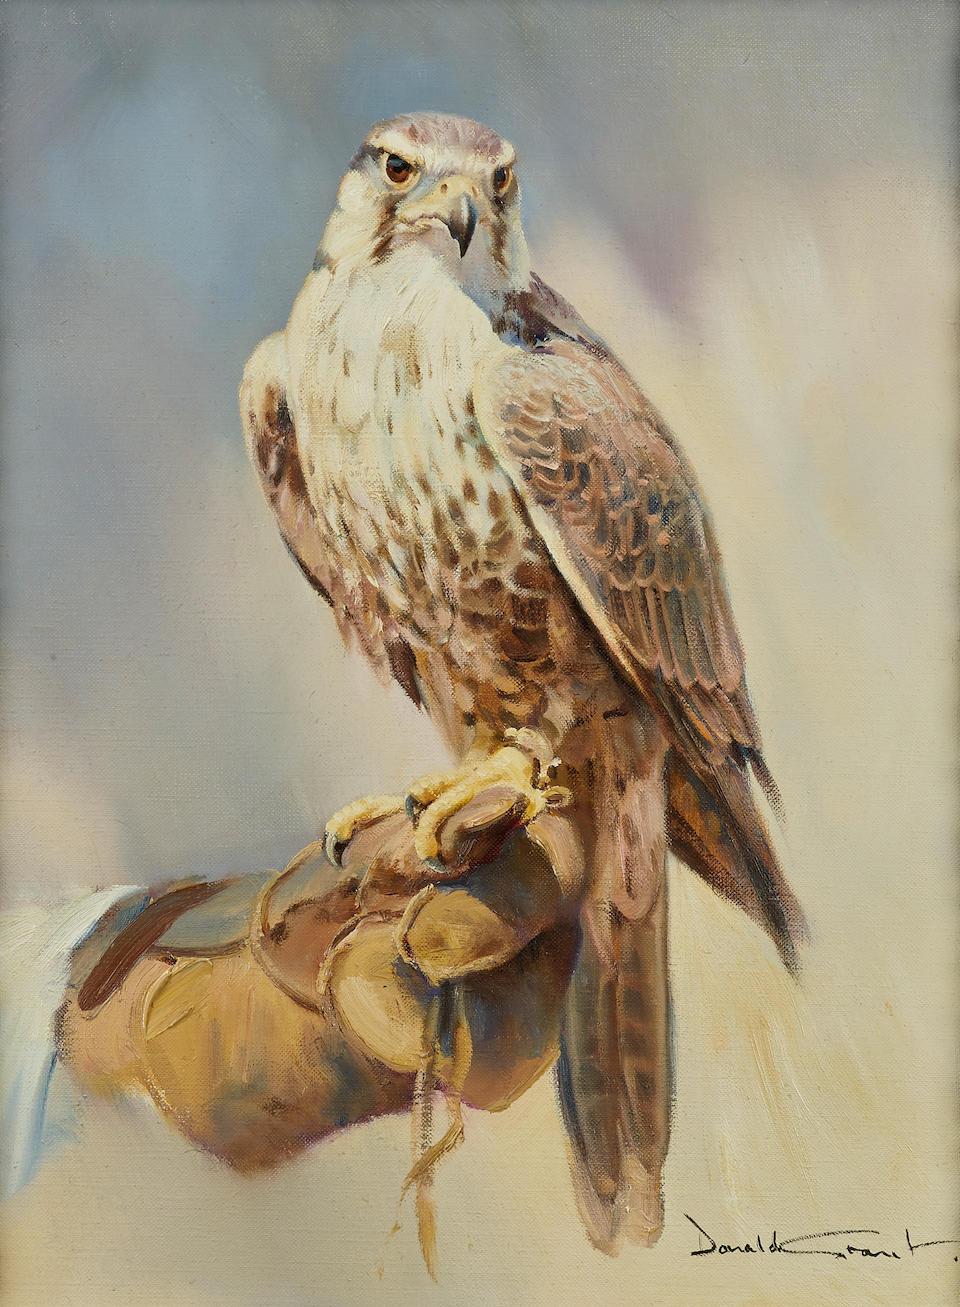 Donald Grant (British, 1930-2001) A perched falcon 16 x 12 1/4in (40.6 x 31.1cm)